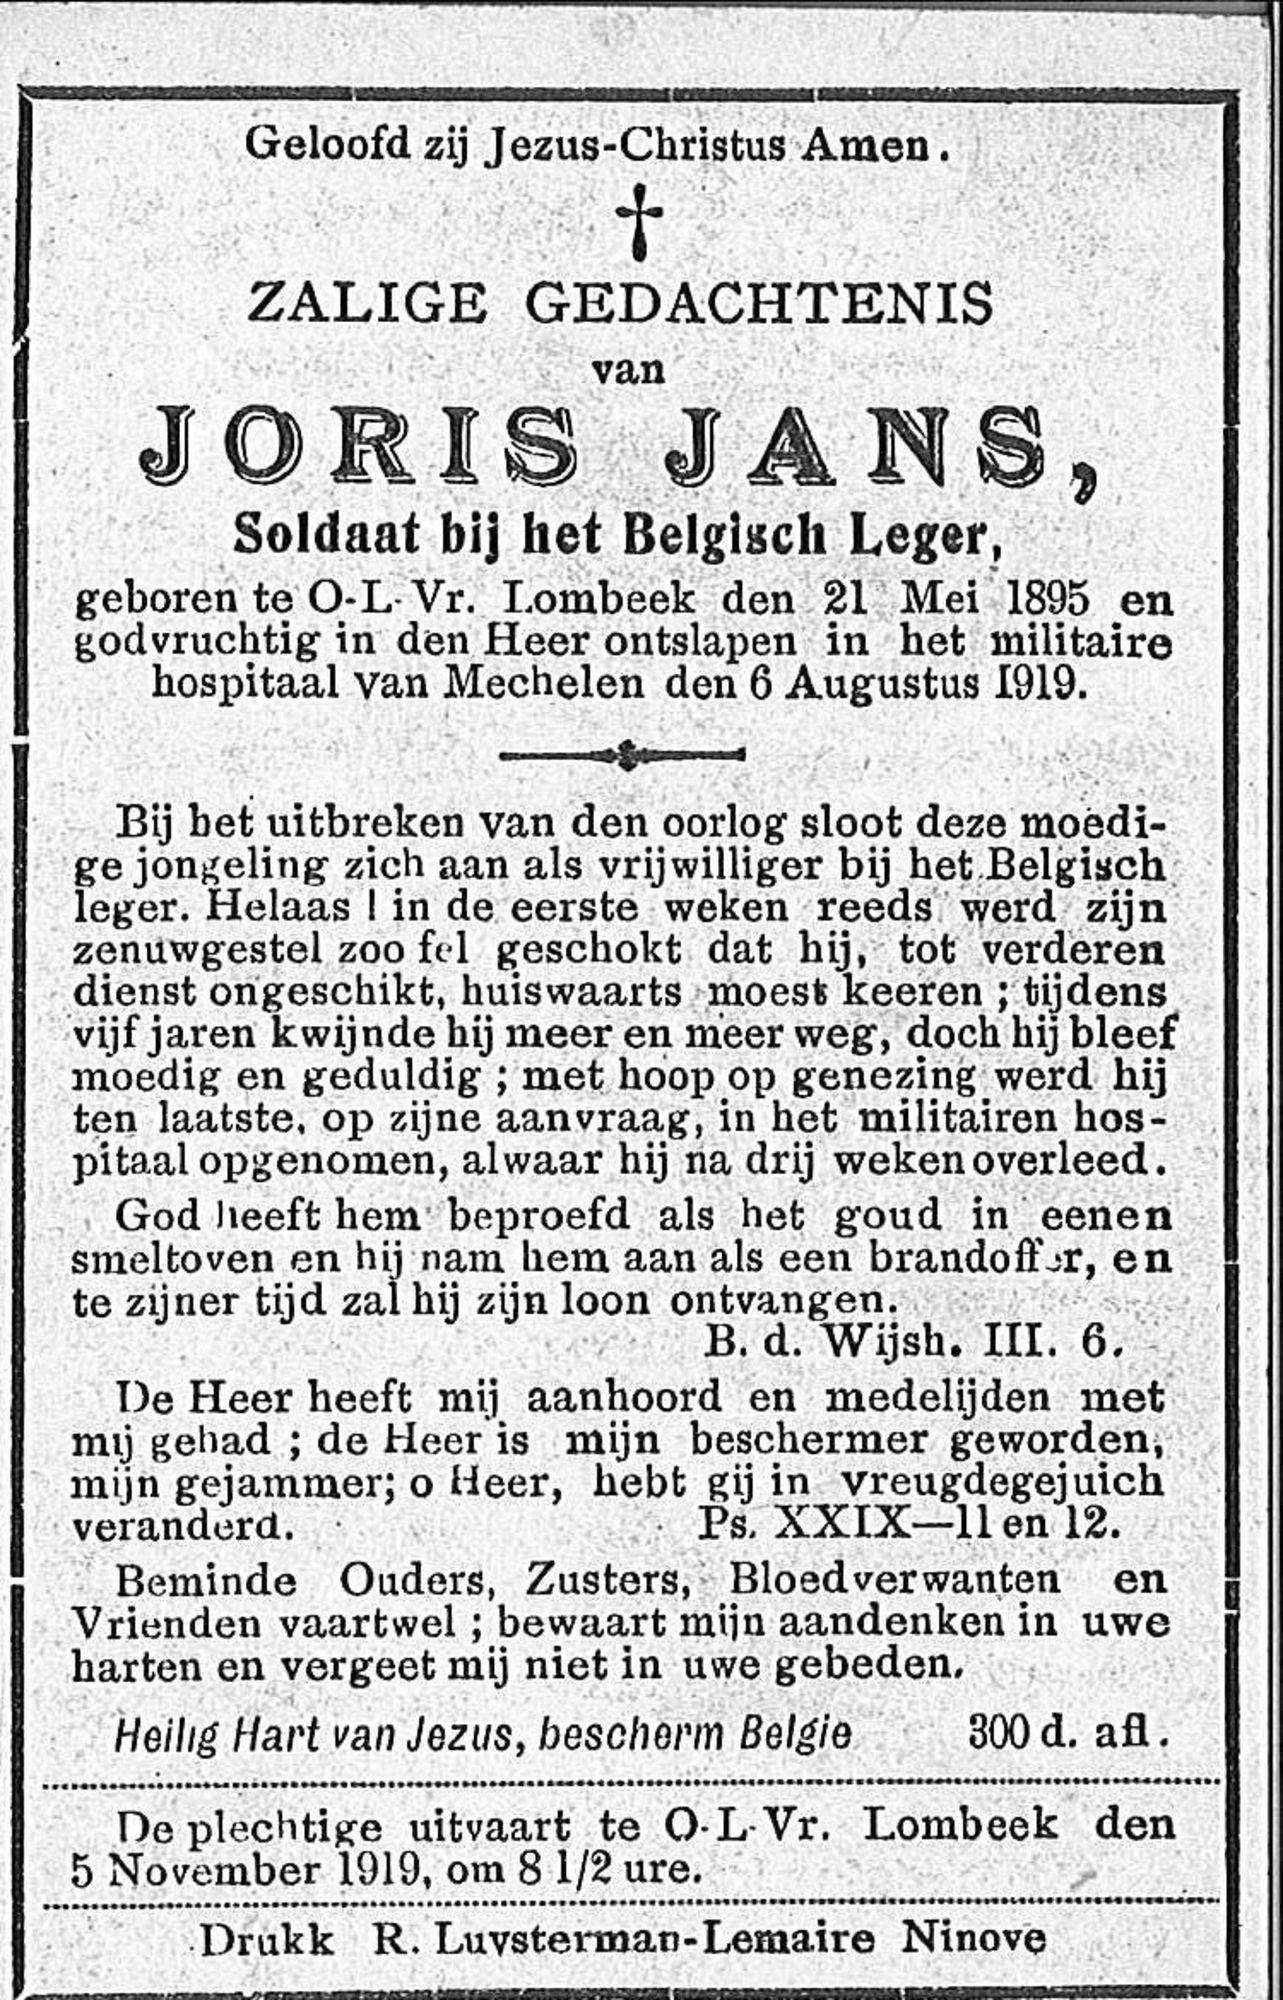 Joris Jans